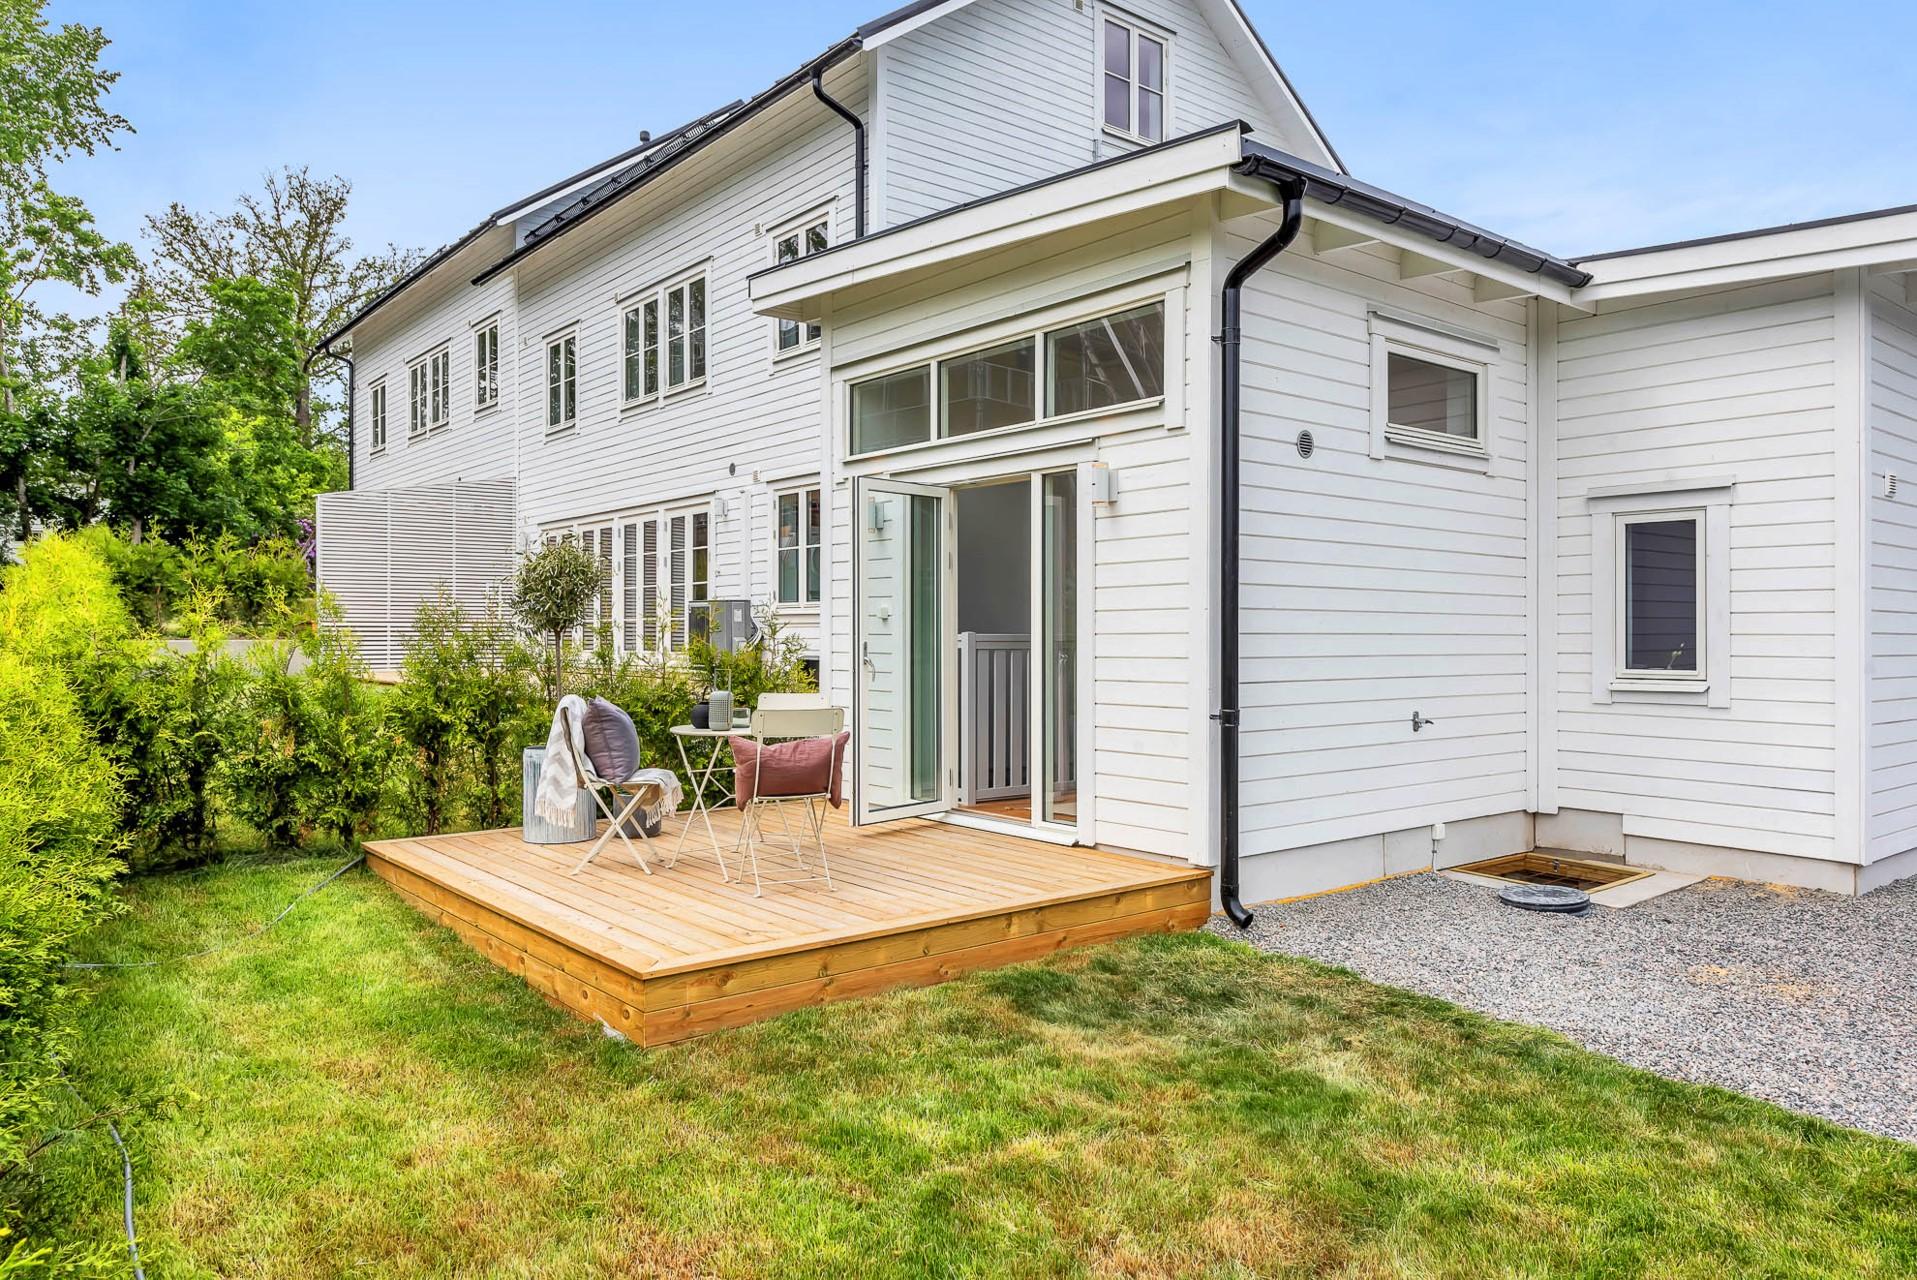 54e2ebc28671 Bostadsrättslägenhet till salu | Kvarnvägen 37B Danderyd - Nora ...